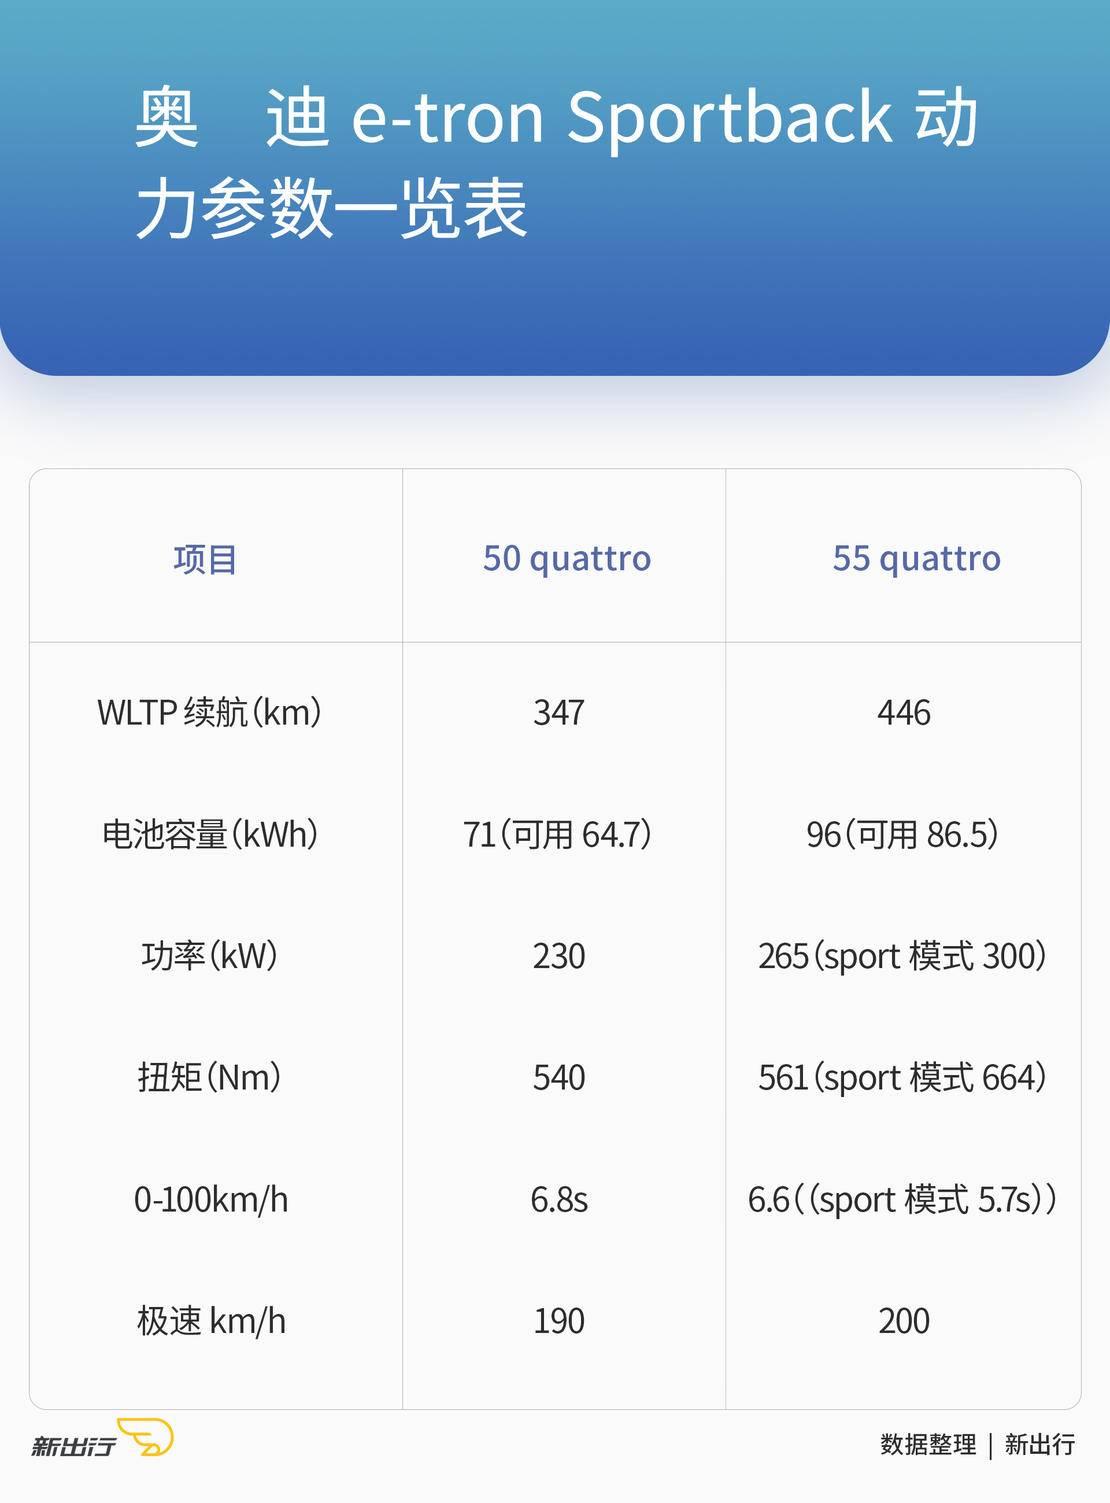 奥迪etron-sportbook.jpg